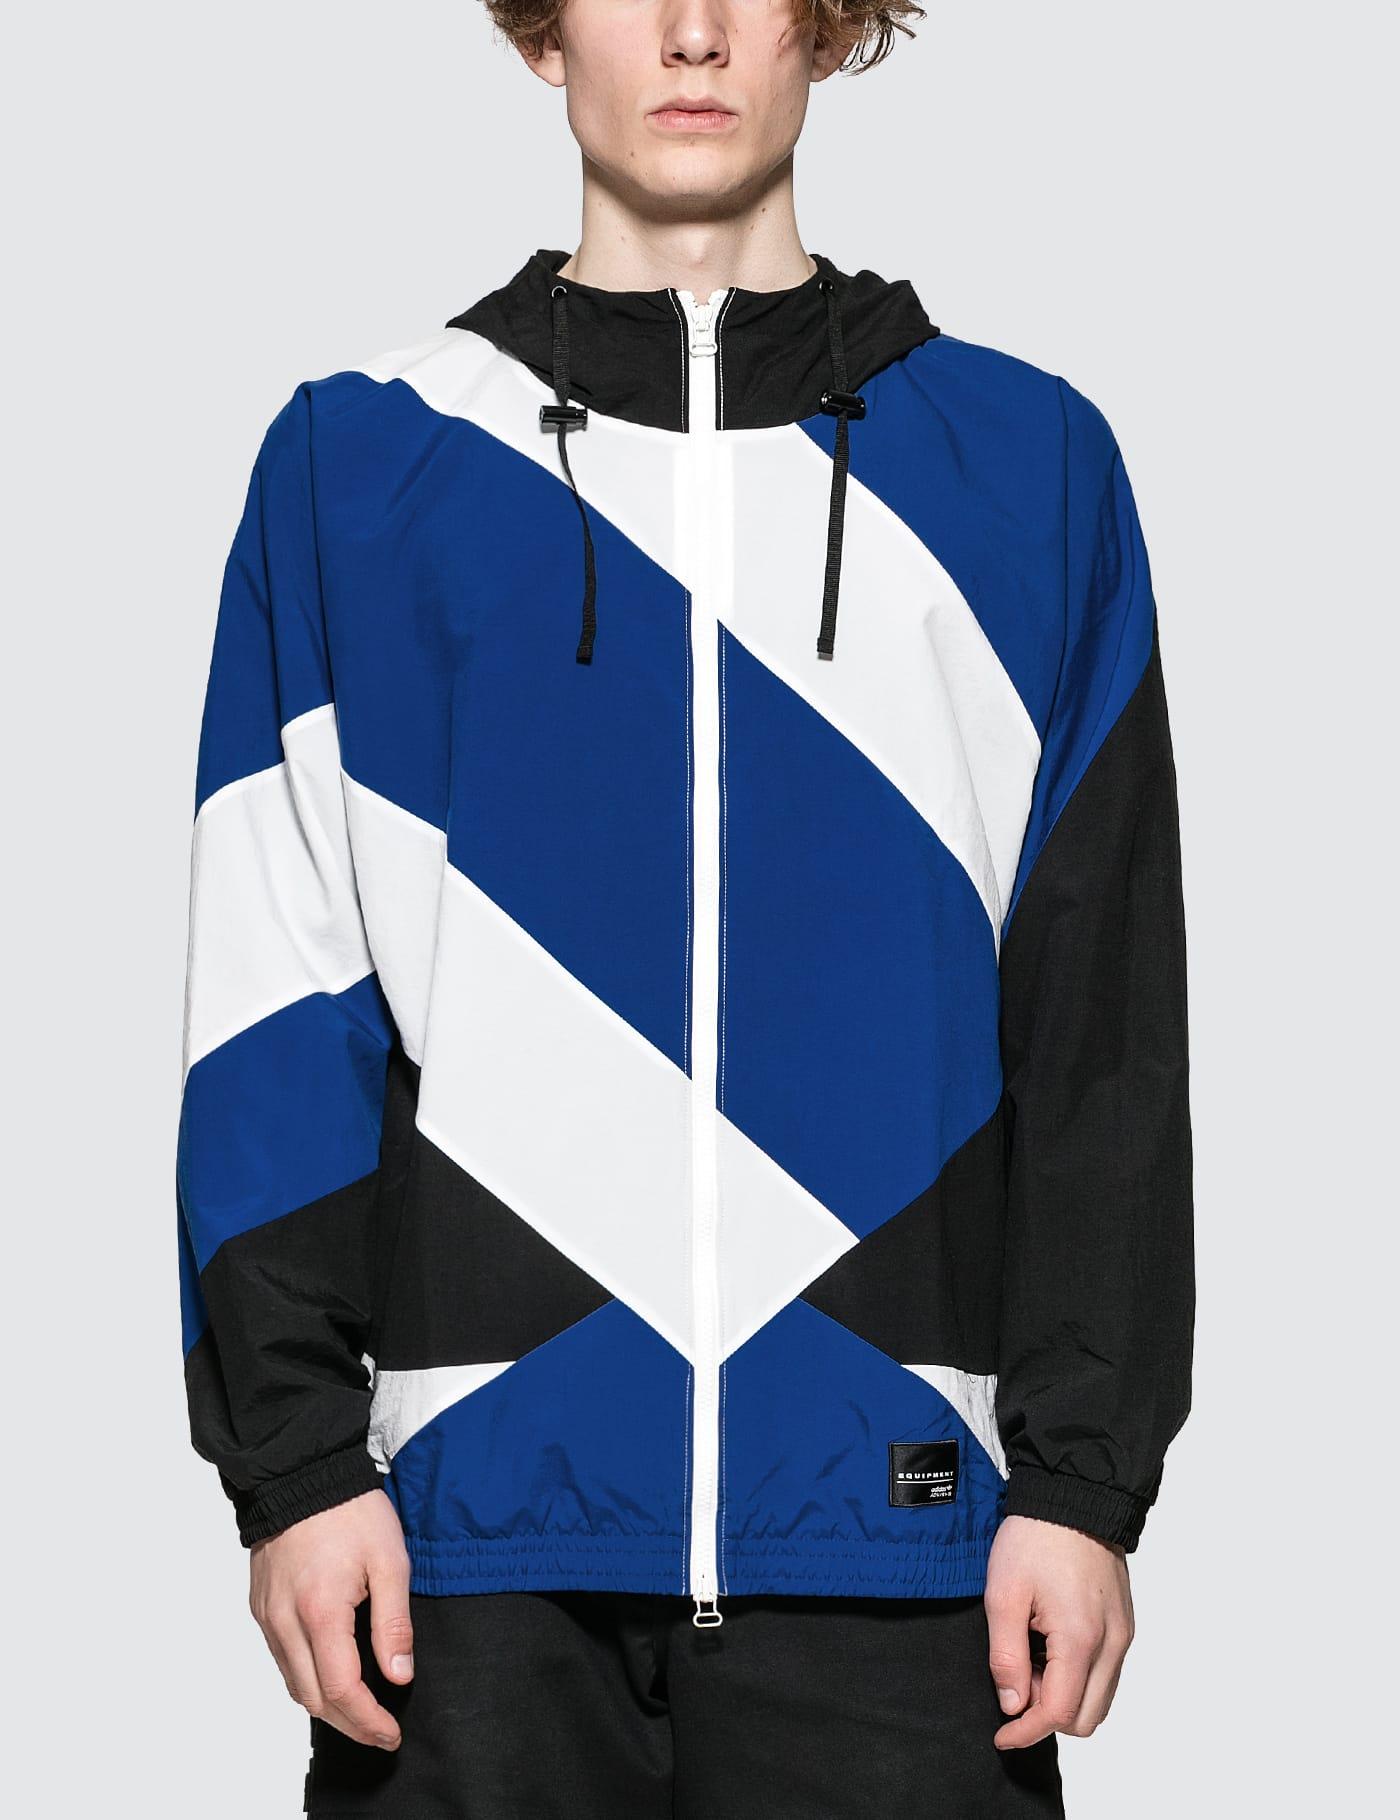 Adidas Originals - EQT 18 Windbreaker | HBX